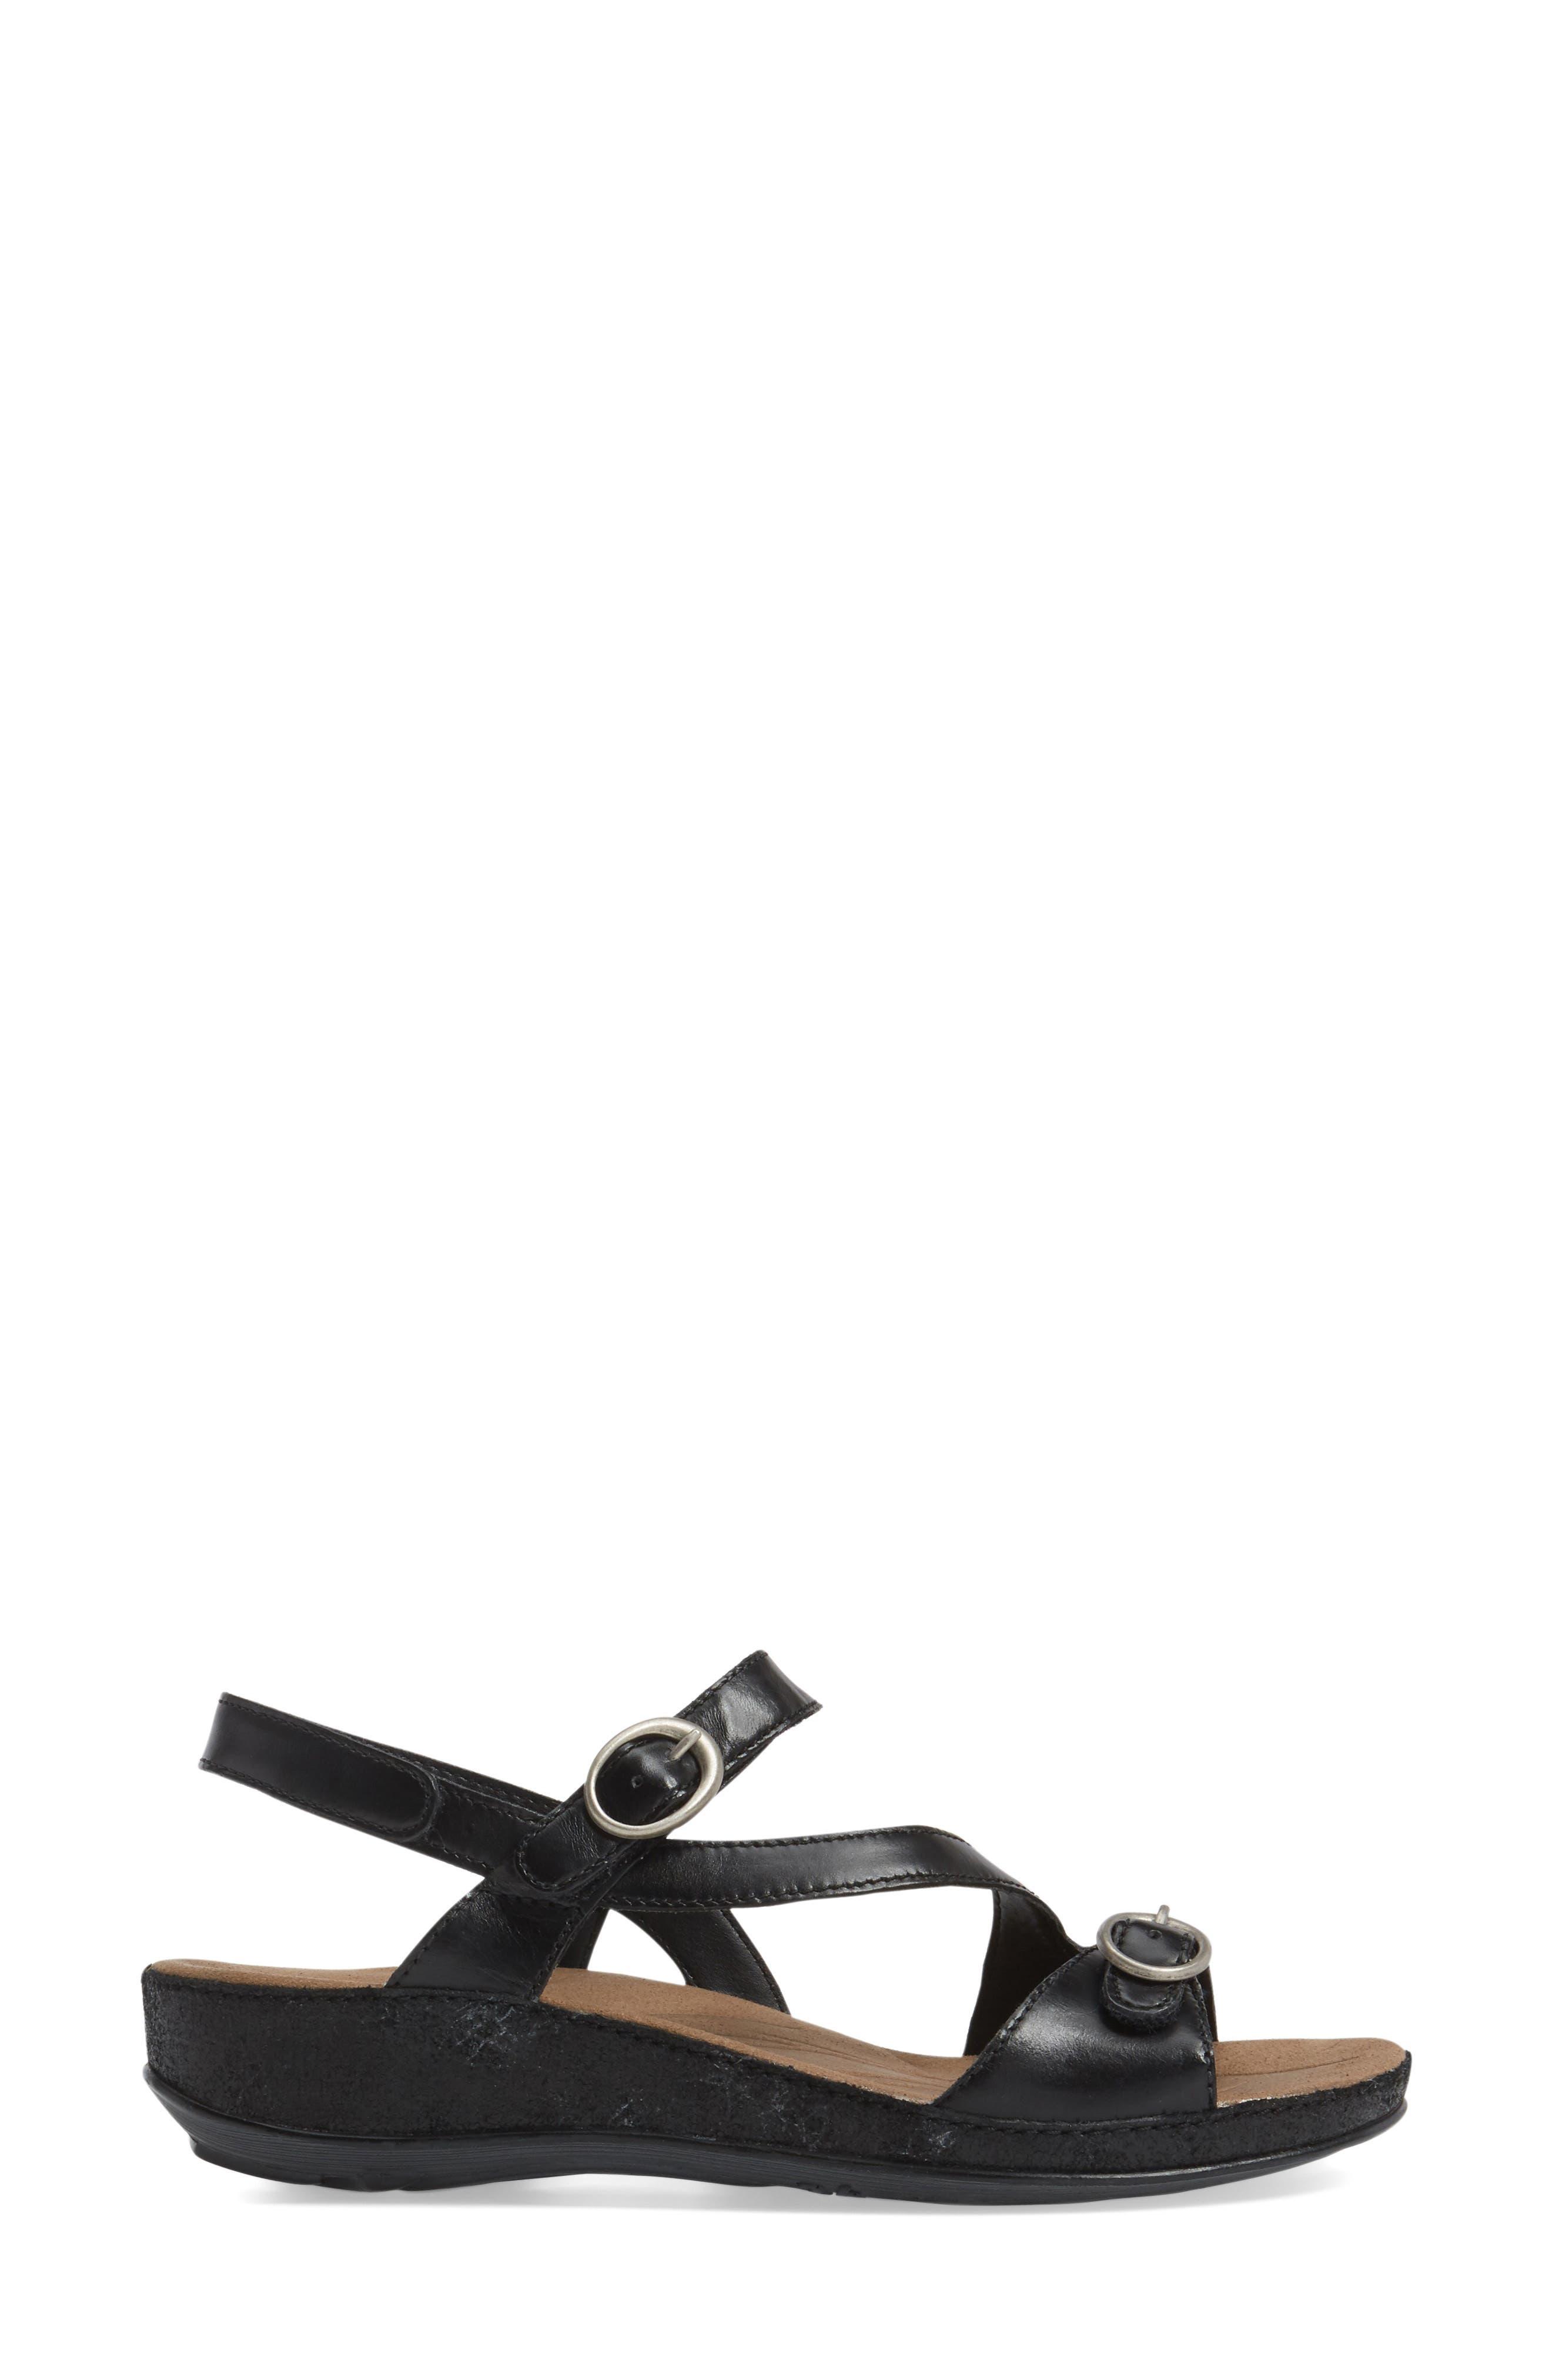 Fidschi 48 Sandal,                             Alternate thumbnail 3, color,                             001